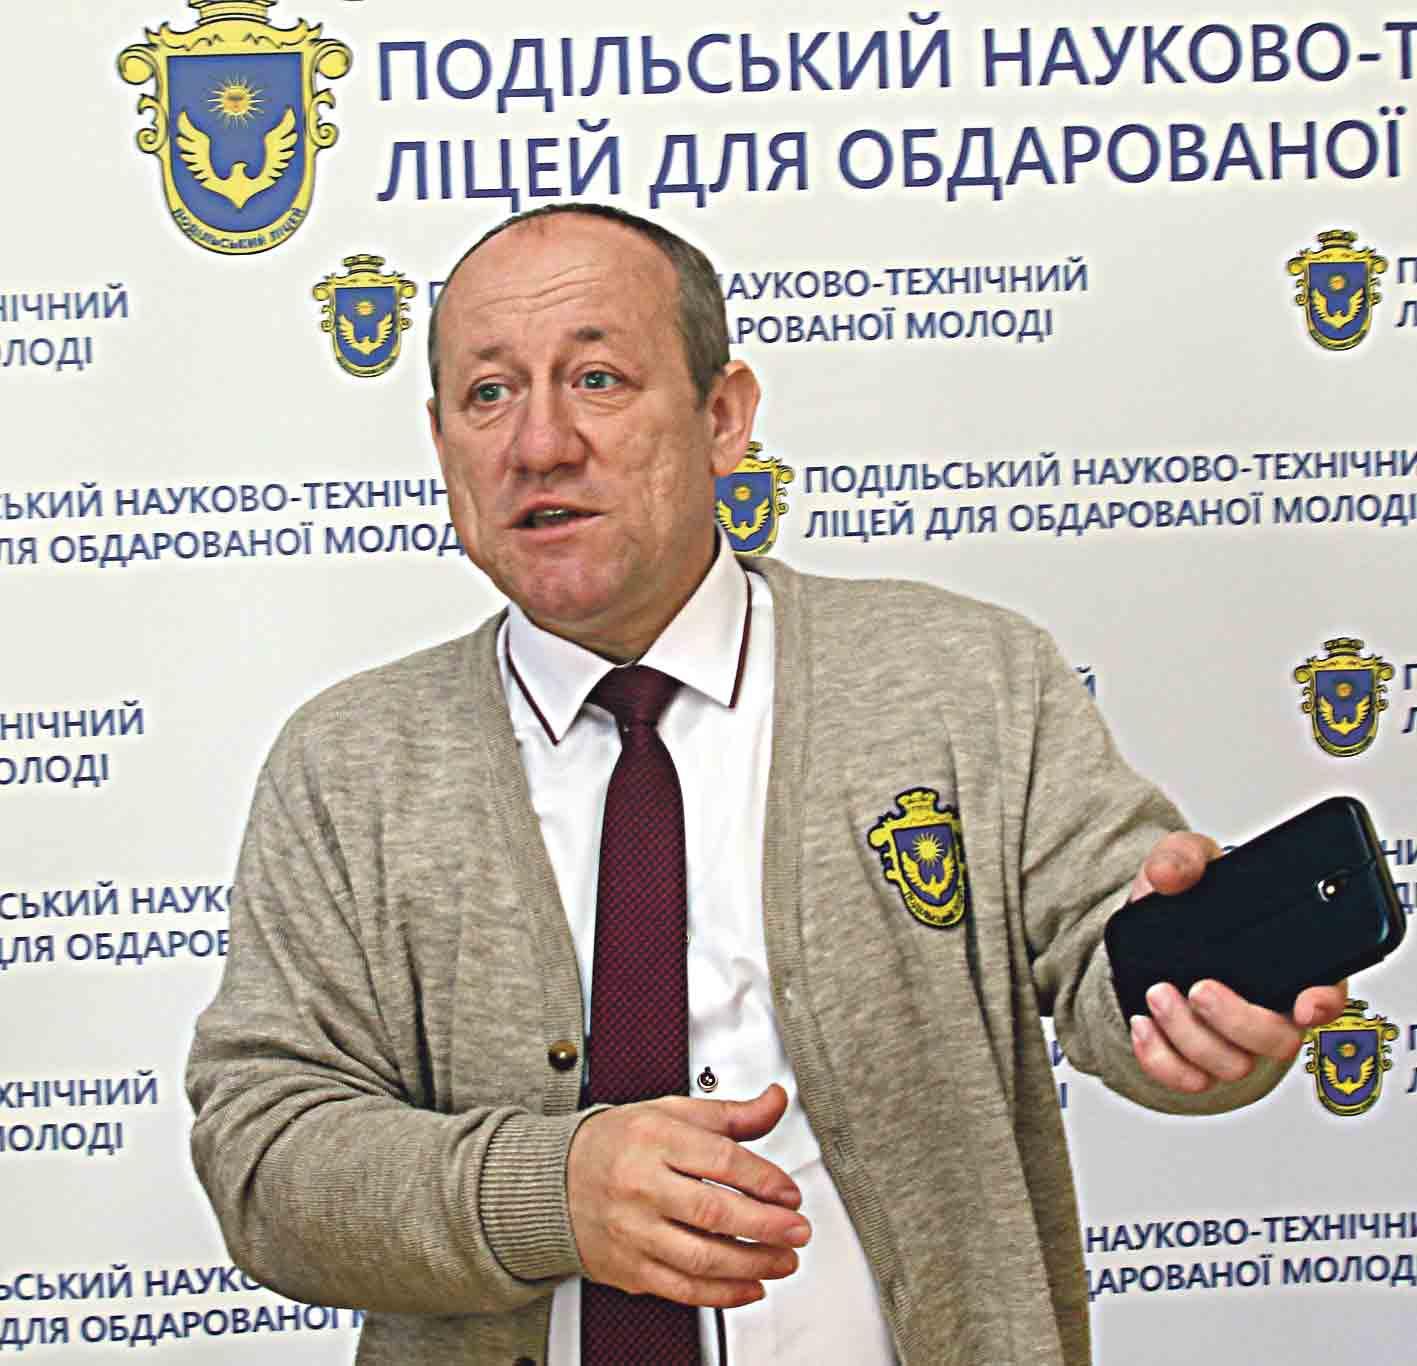 Чому директора Подільського науково-технічного ліцею учні можуть назвати пан Віталій?